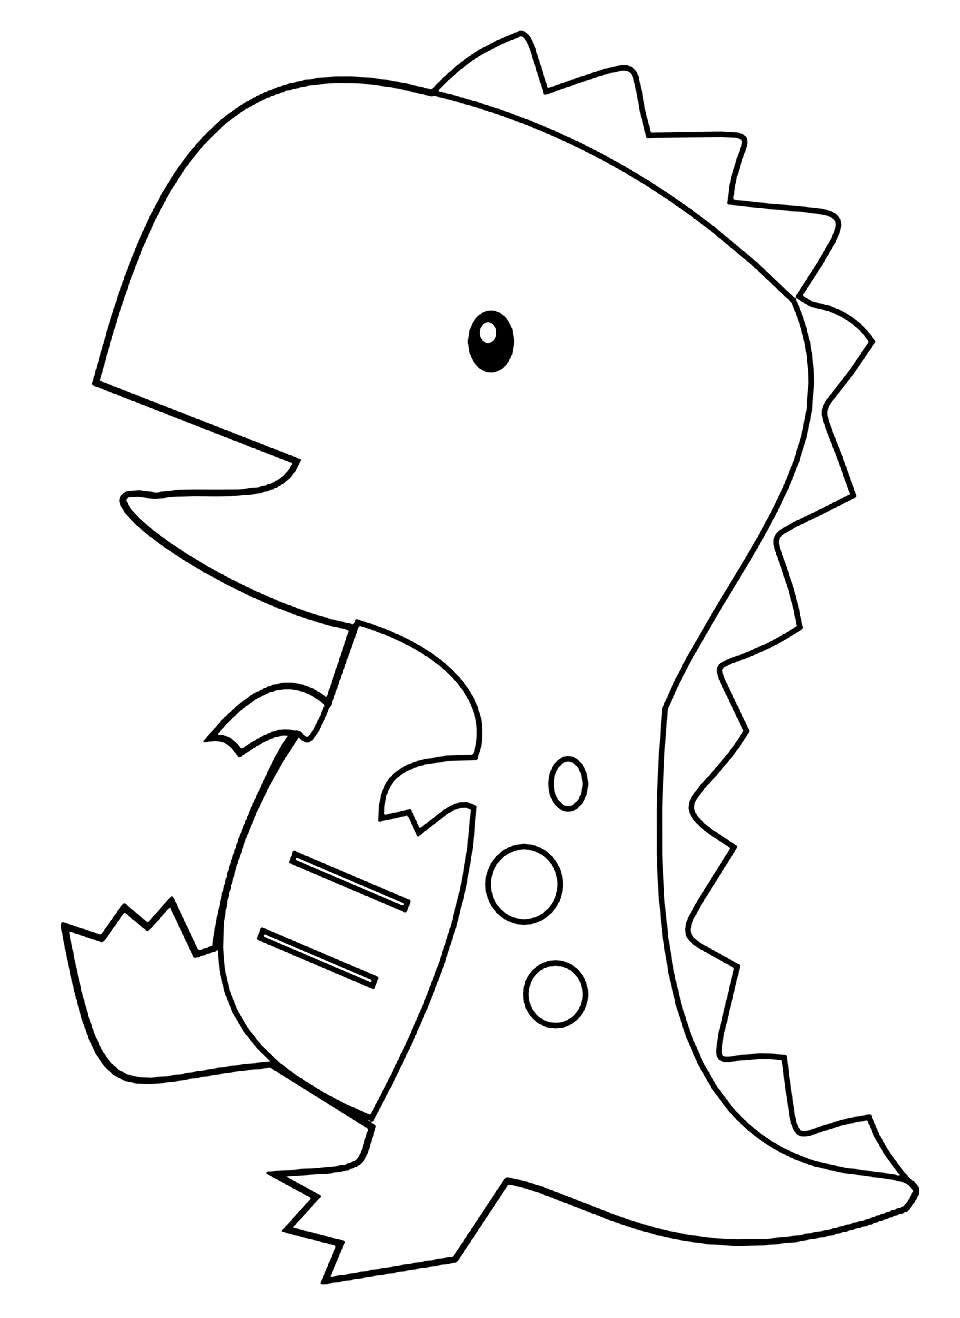 Imagem de dinossauro para píntar